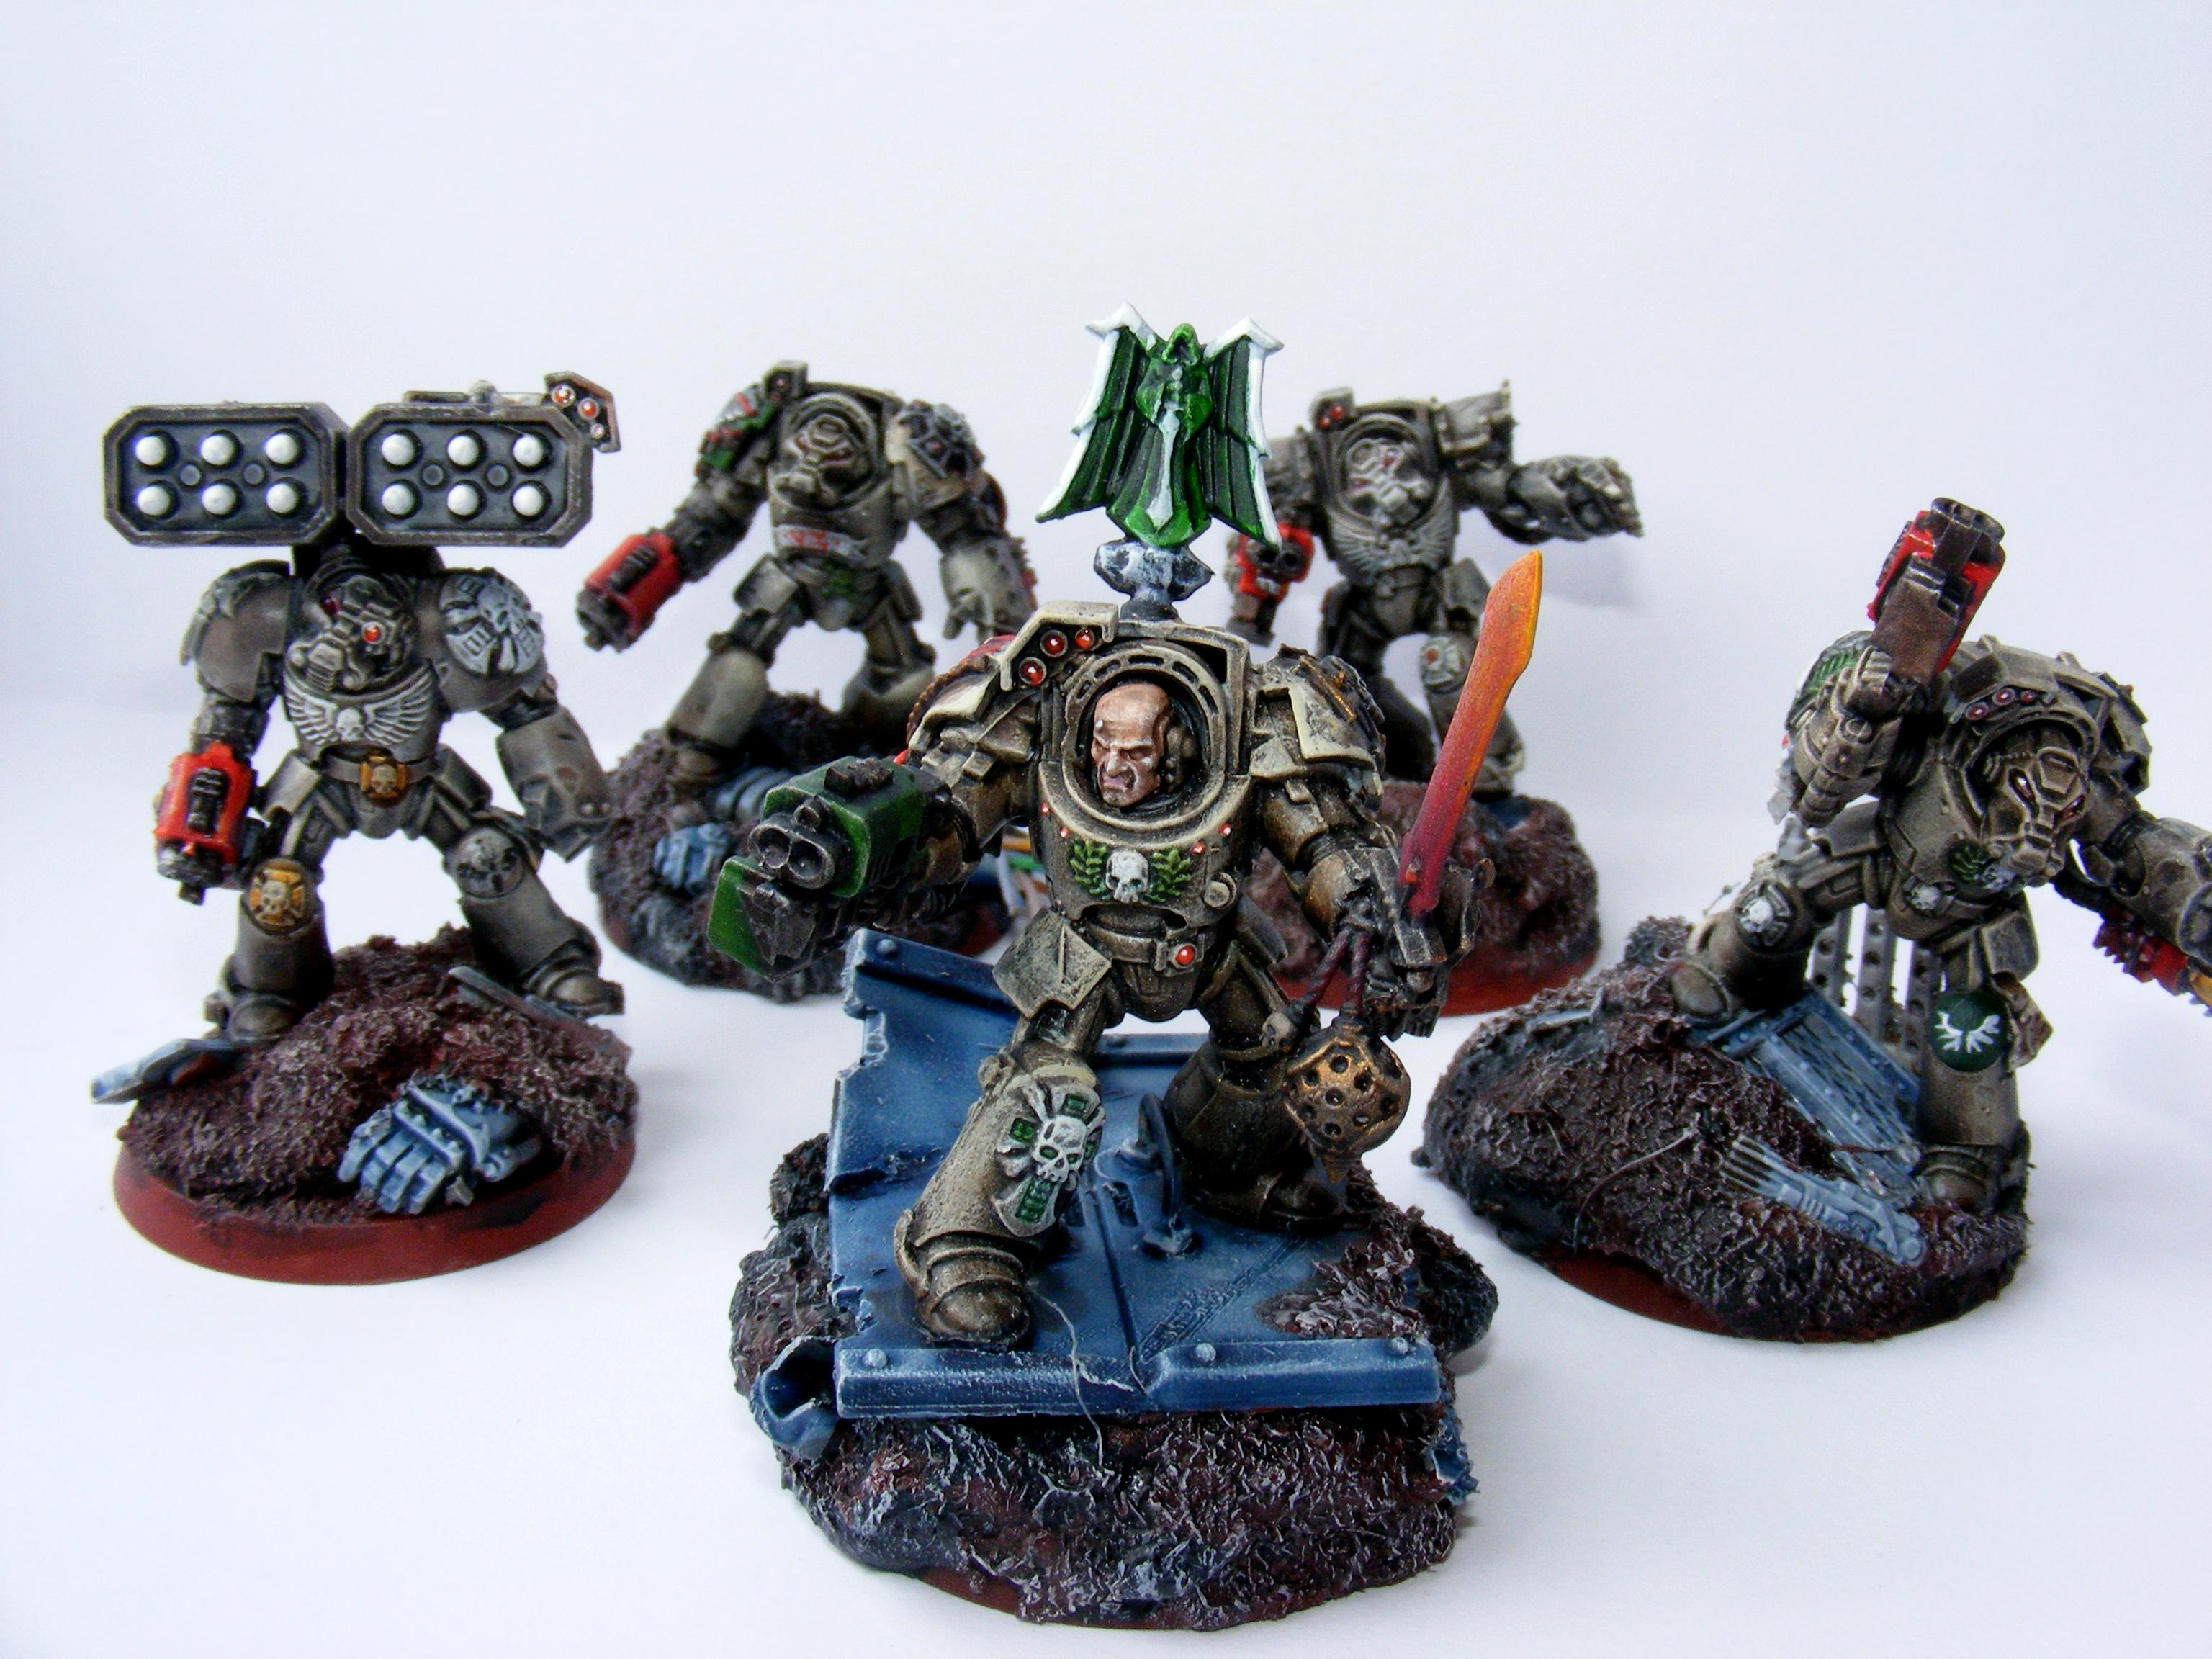 Angel, Dark, Dark Angels, Squad, Terminator Armor, Warhammer 40,000